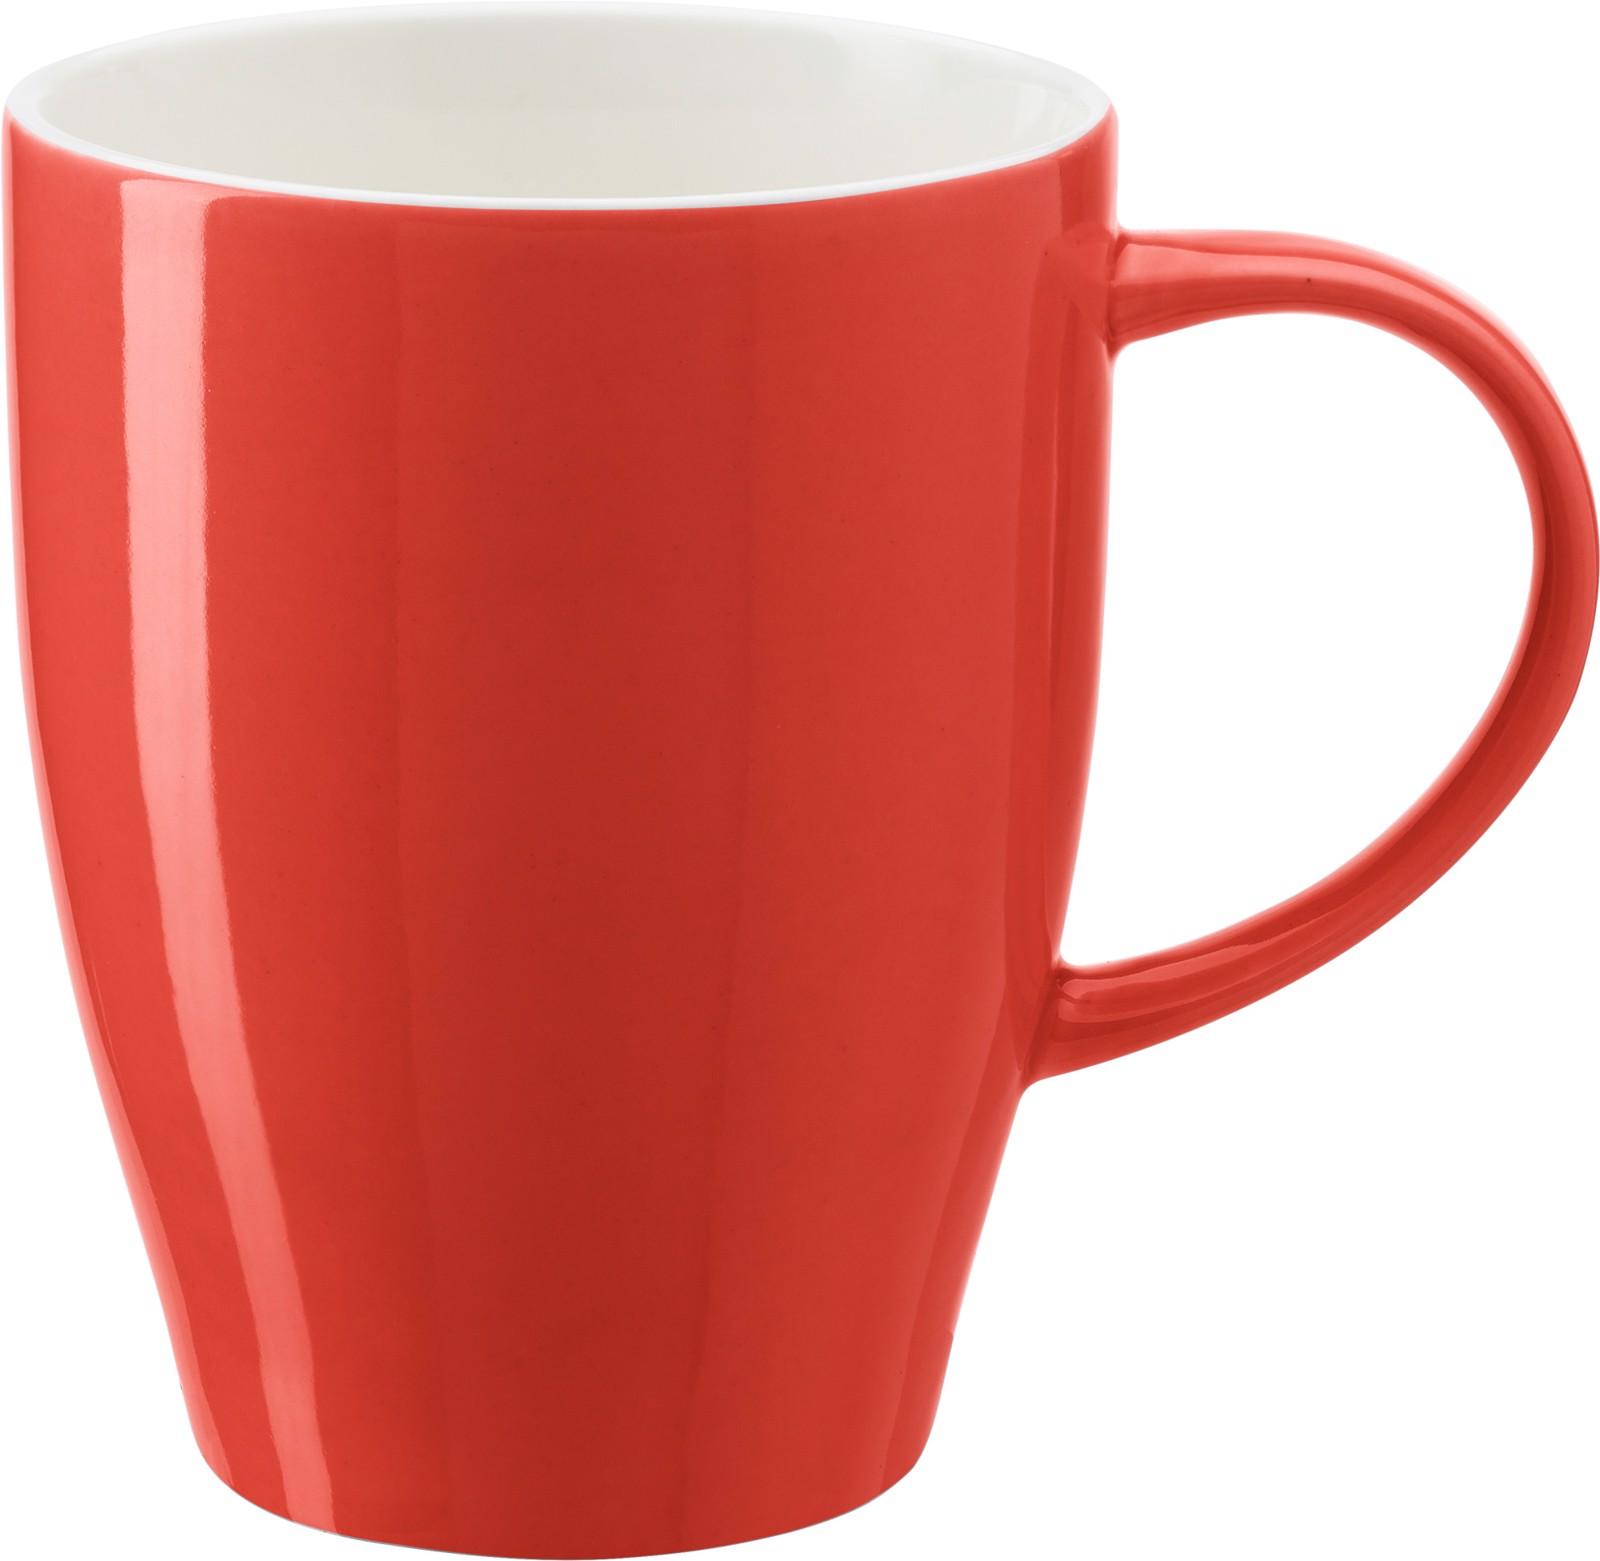 Porcelain mug - Red